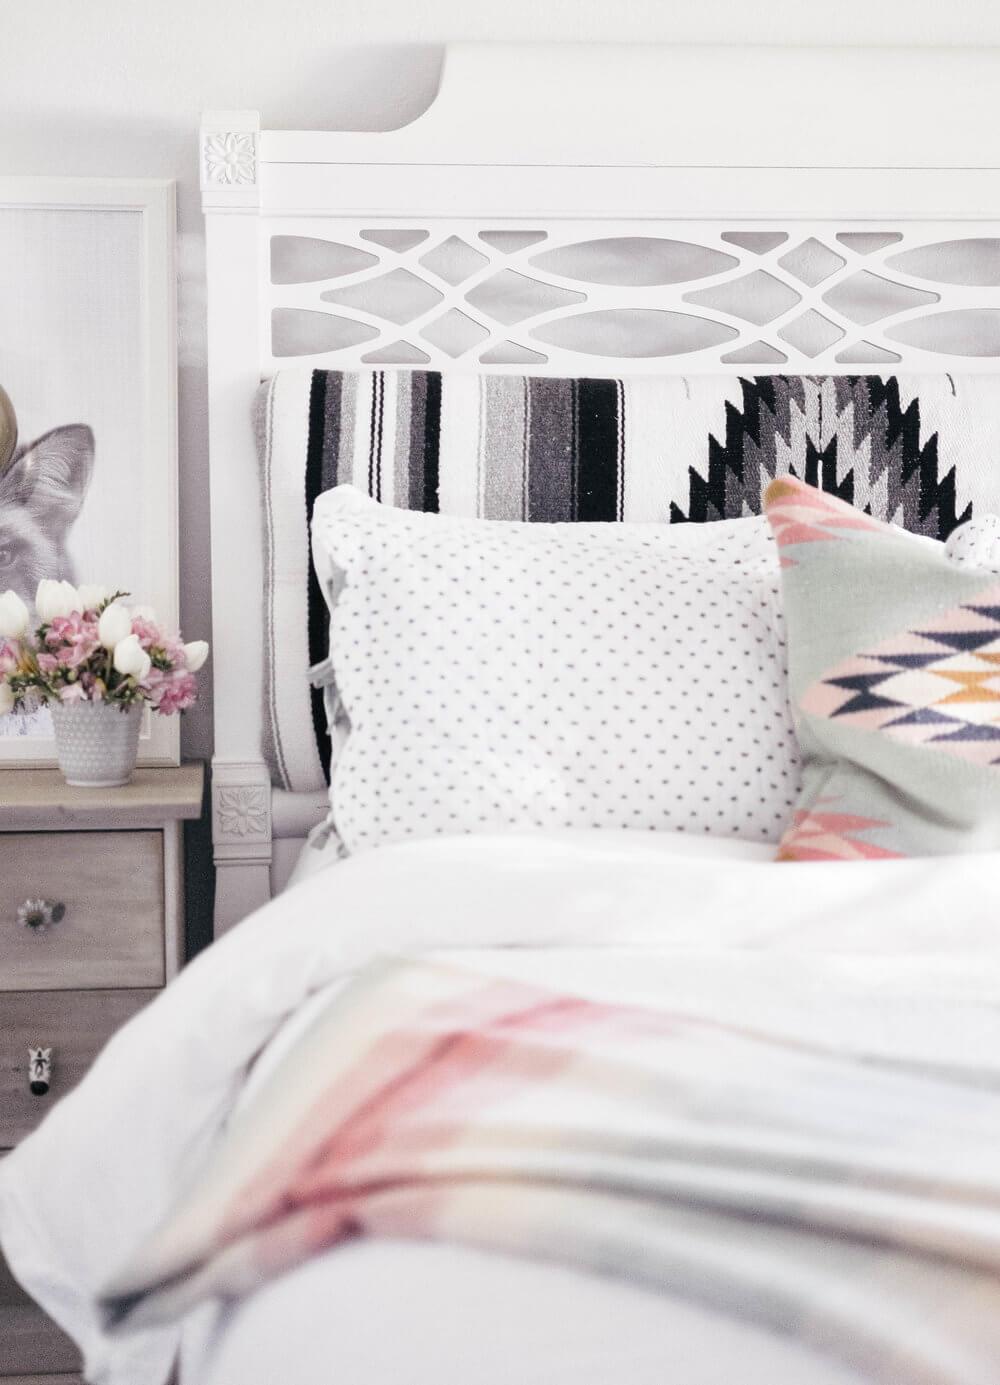 tête de lit en tissus matelassée - 8 inspirations DIY pour fabriquer une tête de lit